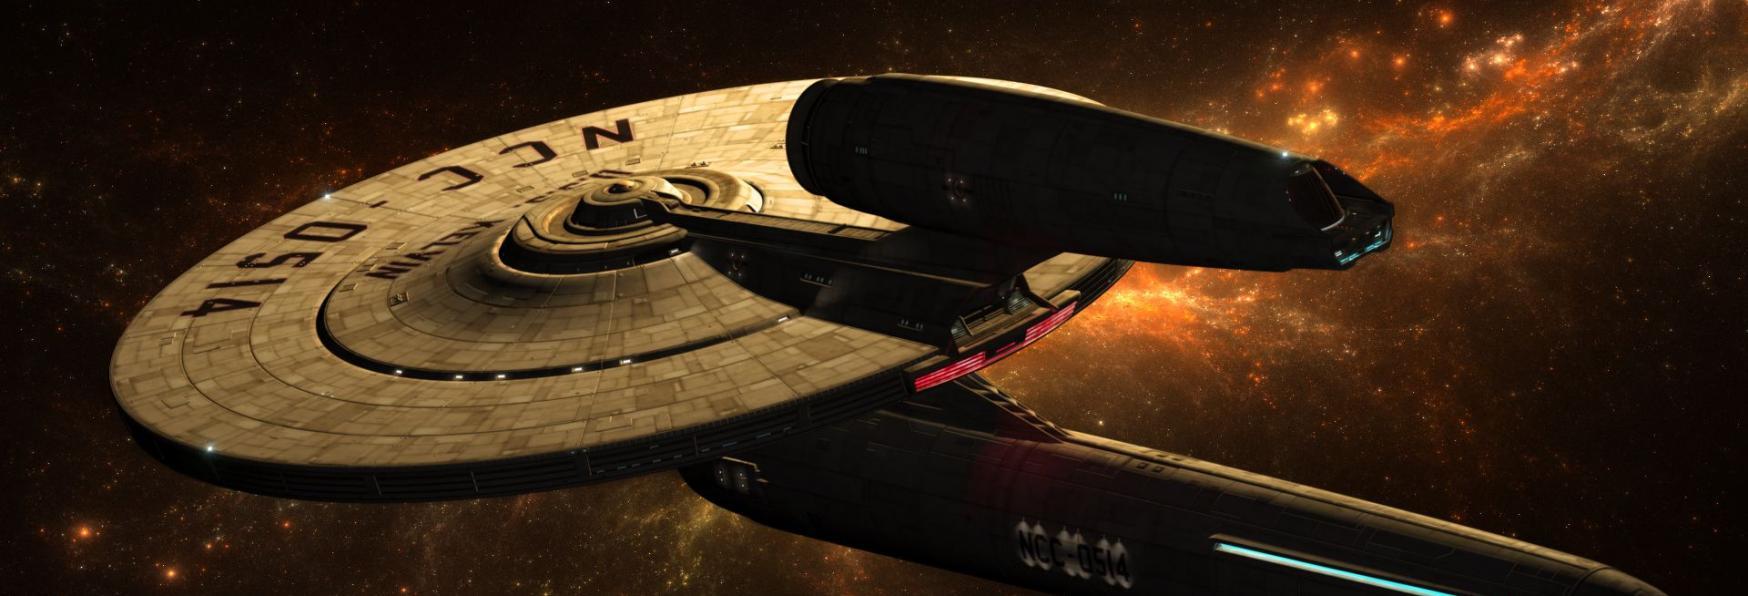 Star Trek: Discovery 3 - in arrivo il primo Episodio Crossover con la USS Kelvin nella storia del Franchise